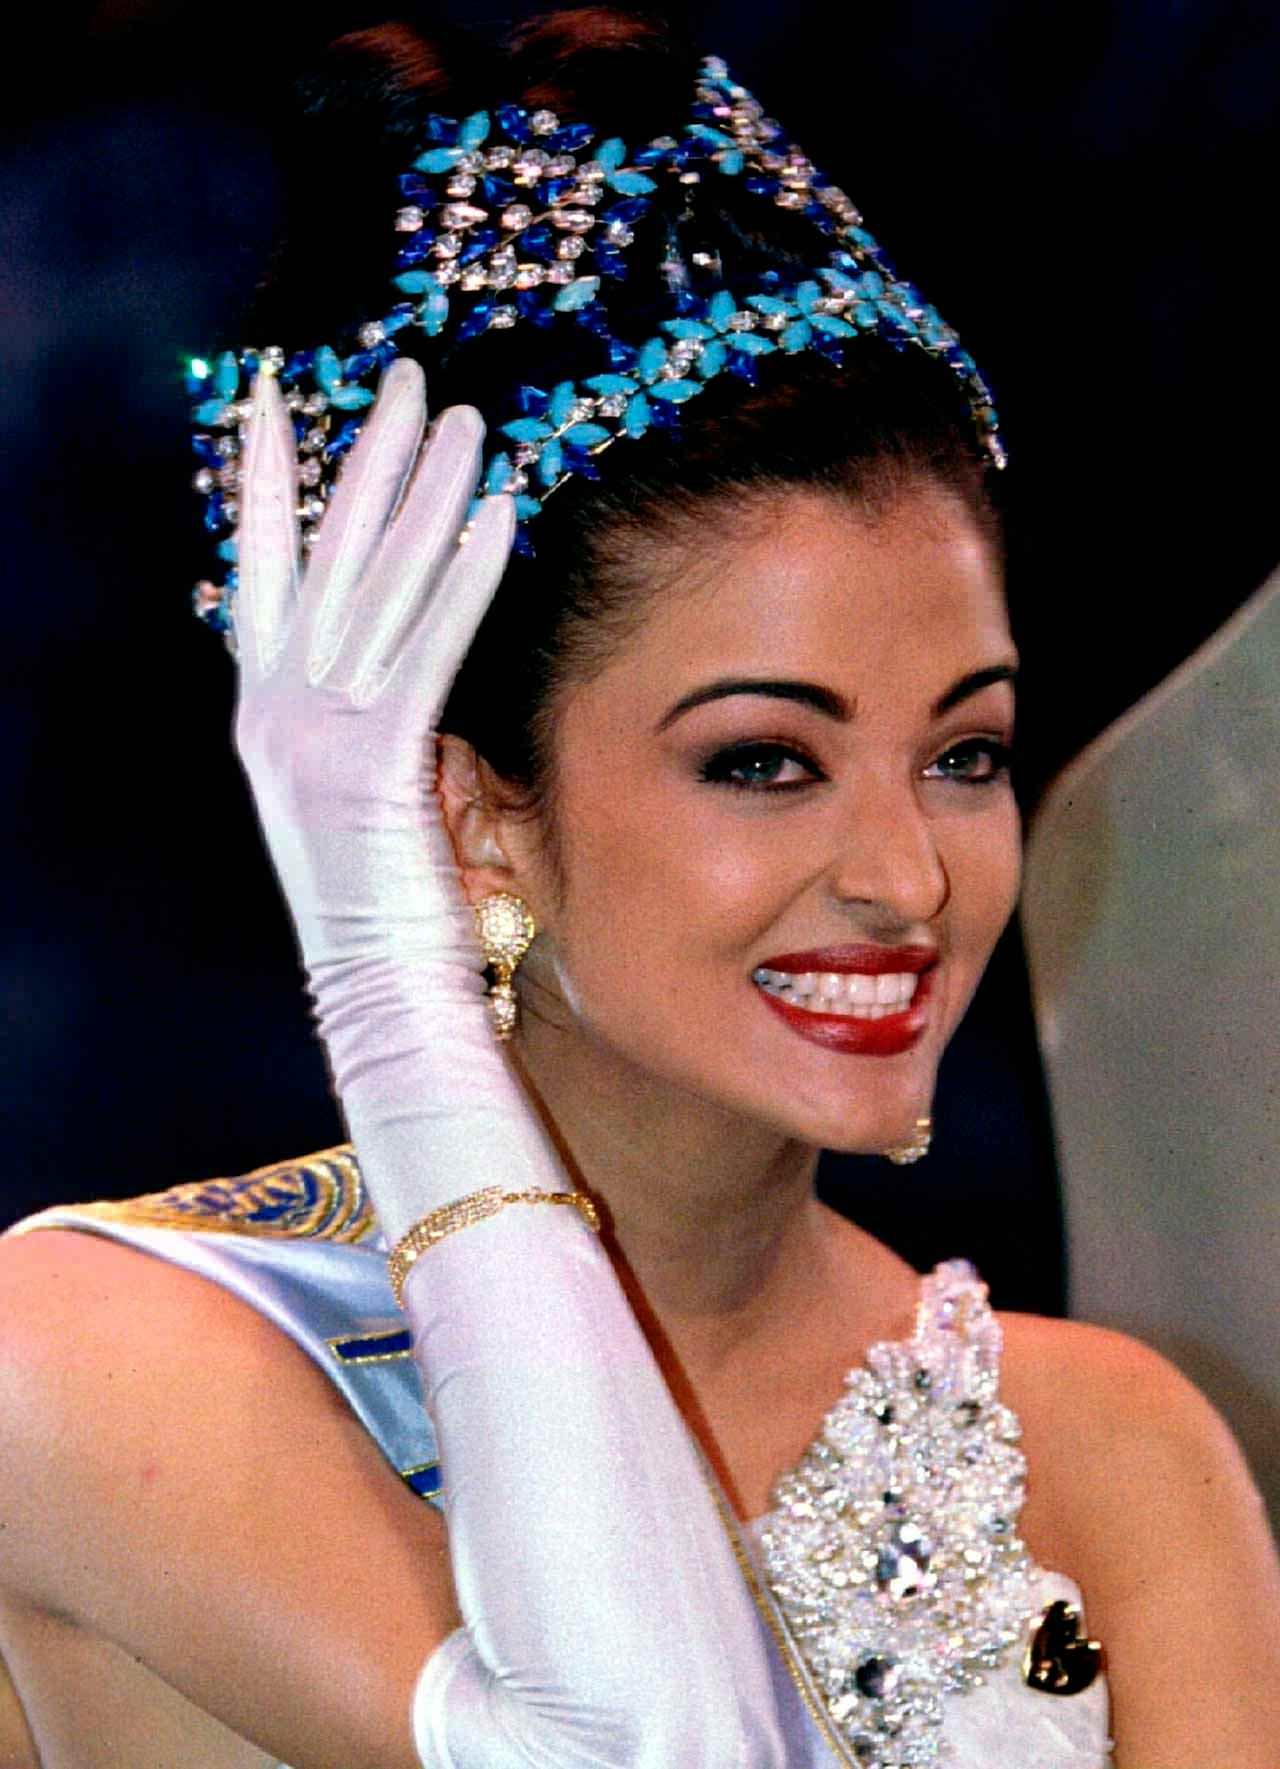 Фото   Мисс Мира 1994 года Айшвария Рай